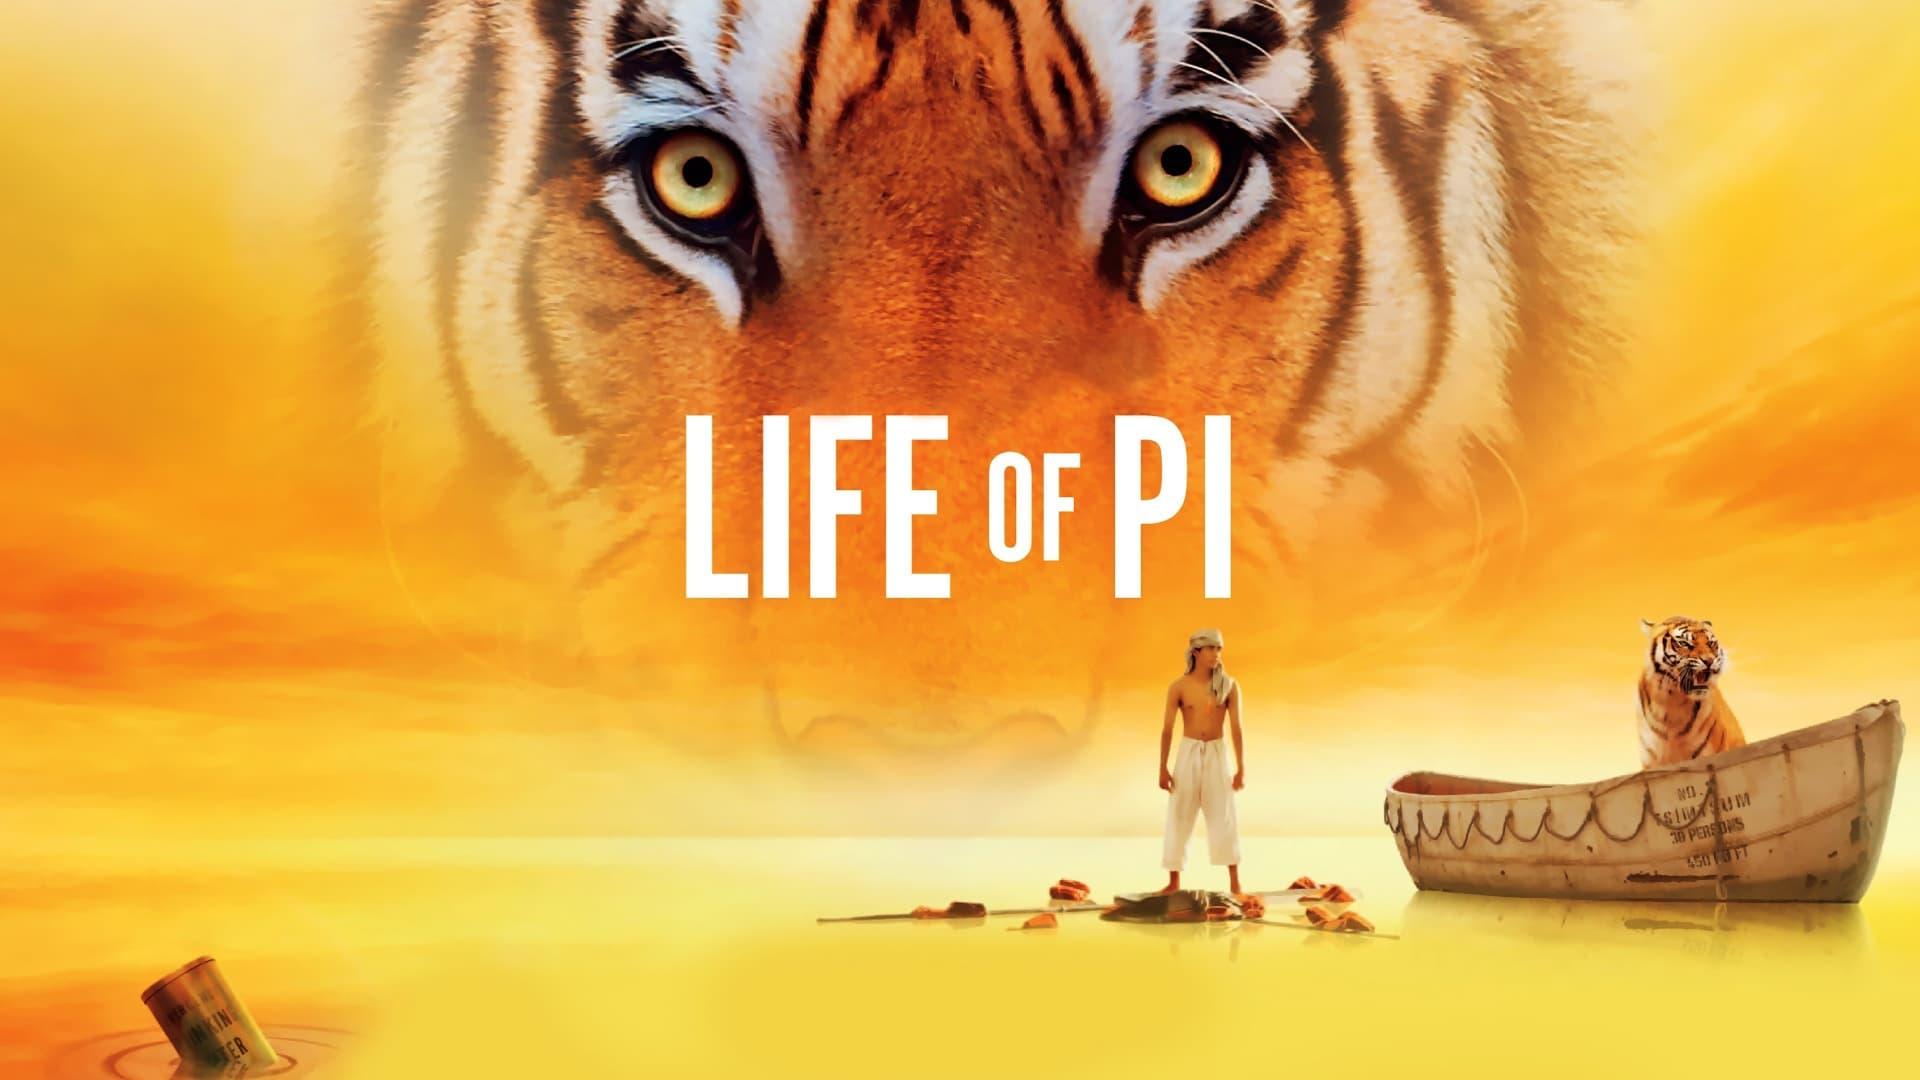 Life of Pi ชีวิตอัศจรรย์ของพาย (2012)